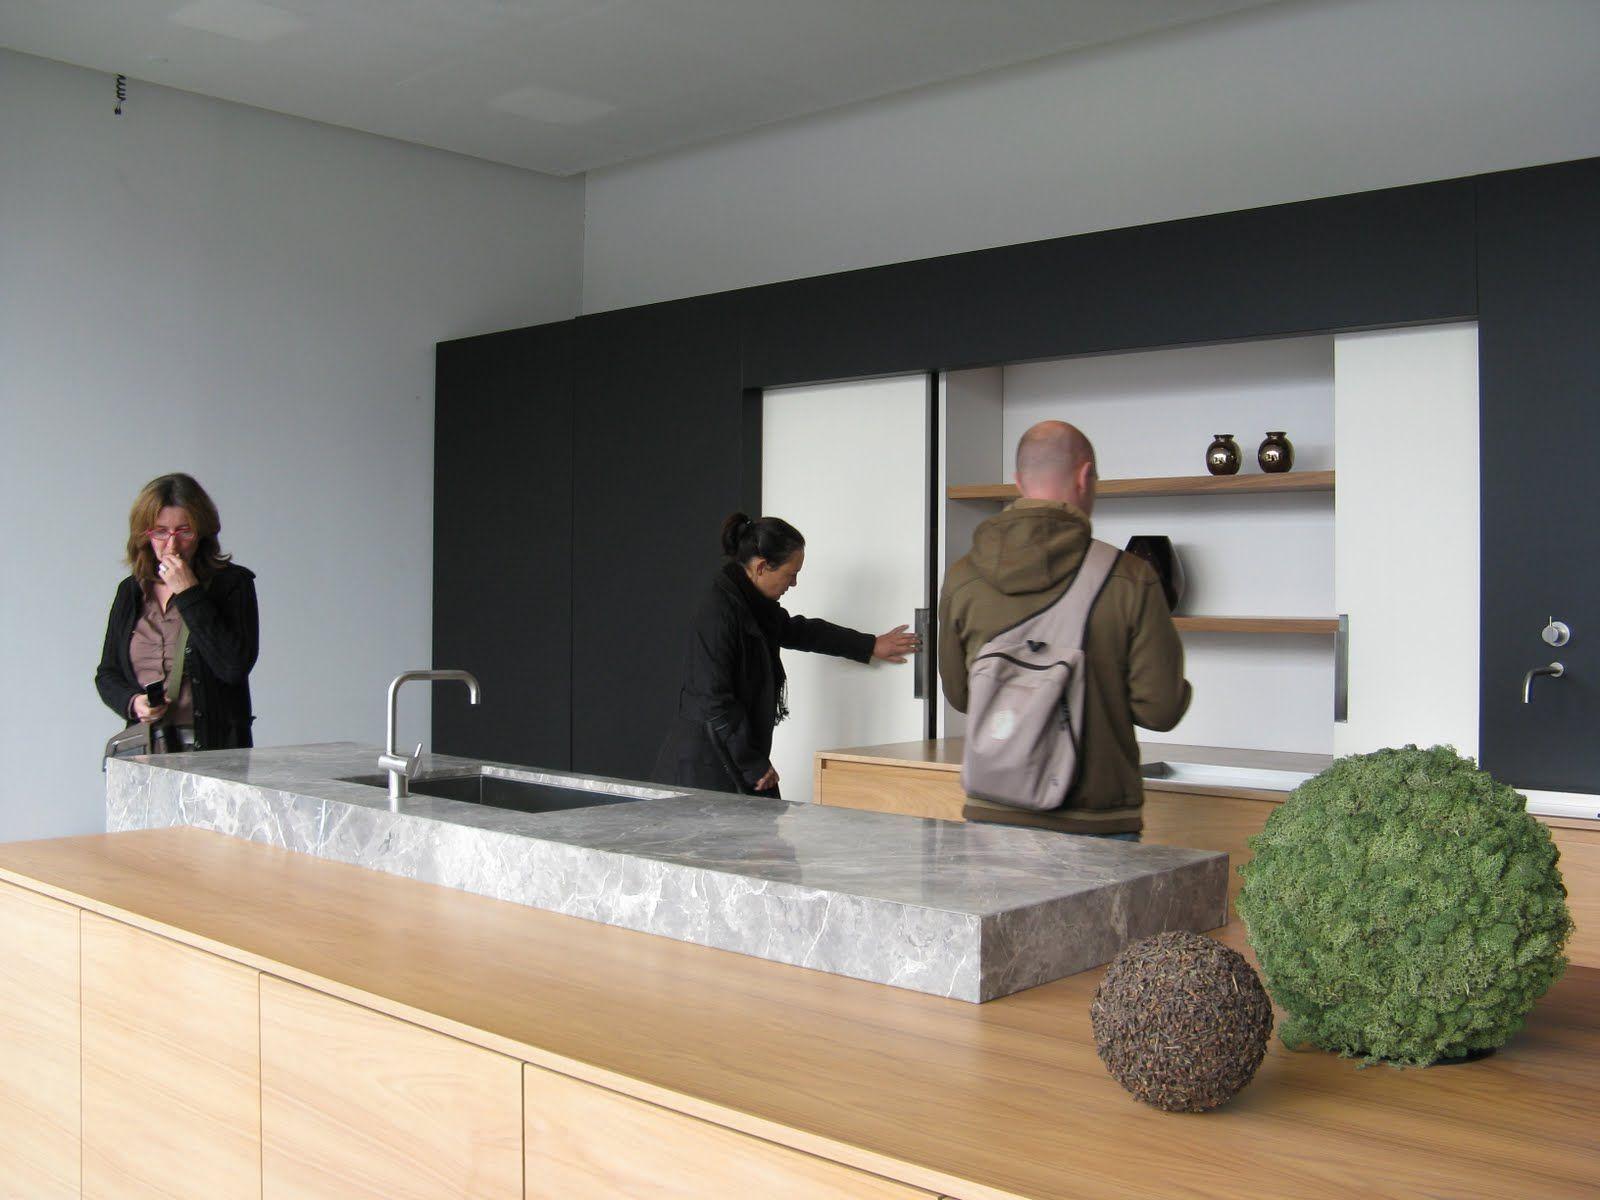 Marmer Zwart Keuken : Afbeeldingsresultaat voor aform keukens villa pinterest keuken